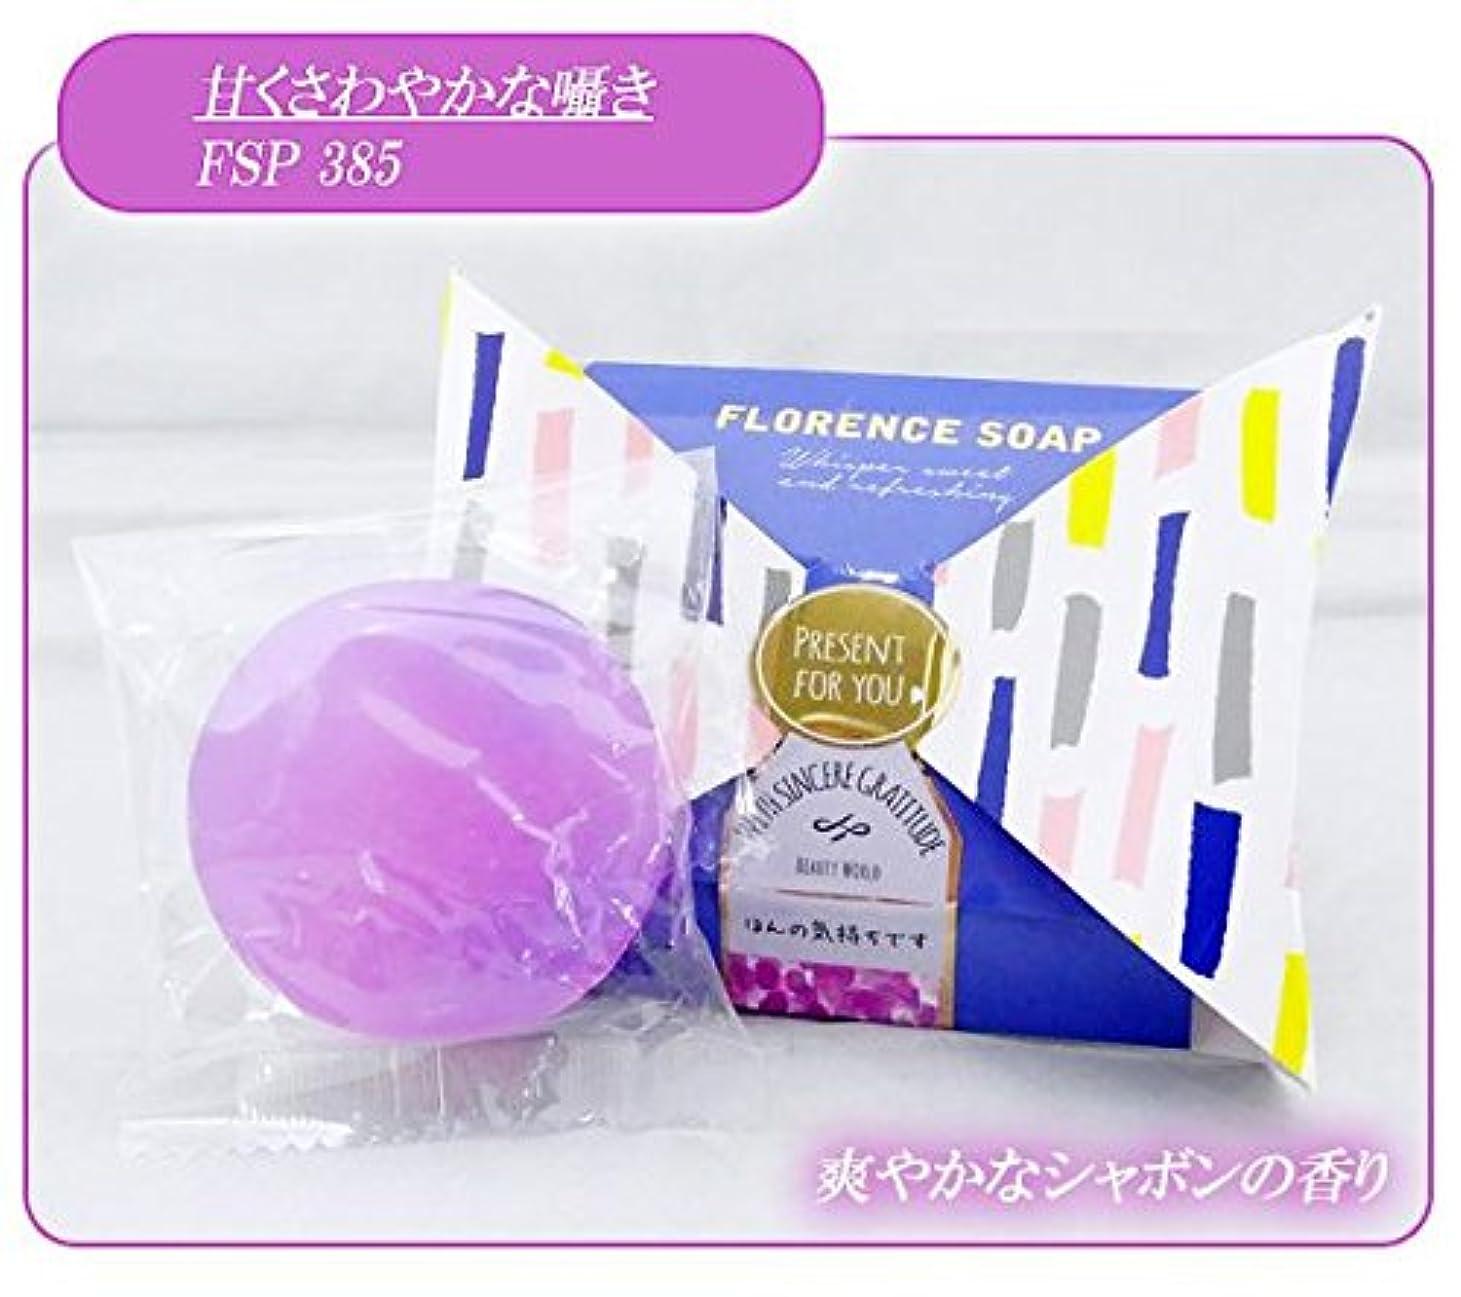 ブラウザ光景雇用ビューティーワールド BWフローレンスの香り石けん リボンパッケージ 6個セット 甘くさわやかな囁き